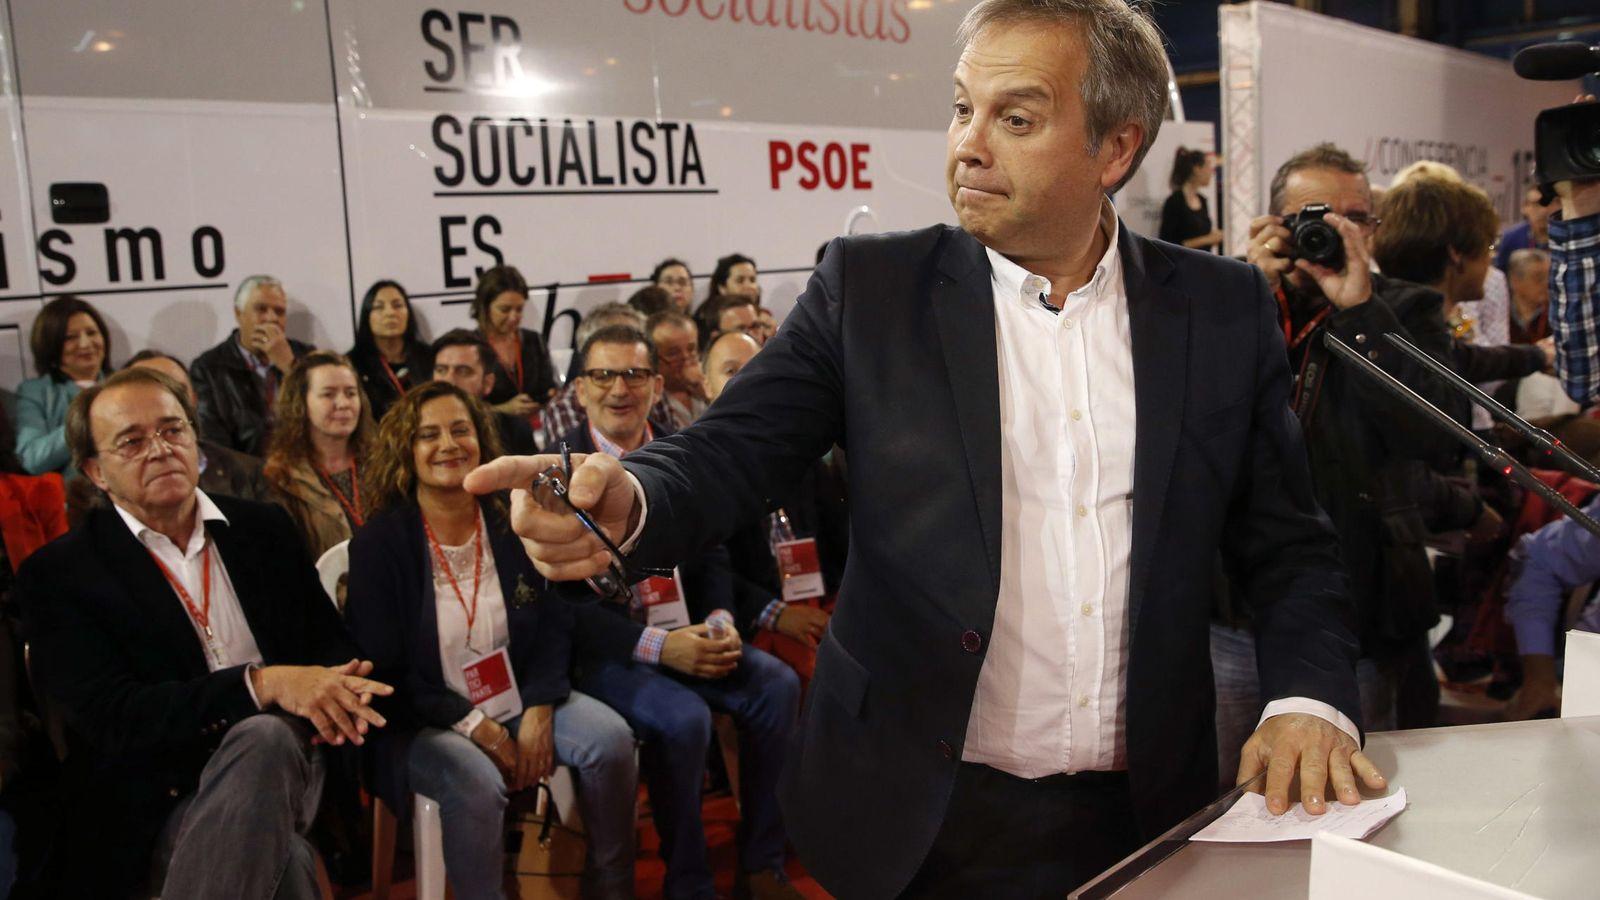 Foto: Miguel Carmona, candidato del PSOE para la alcaldía de Madrid. (Efe)